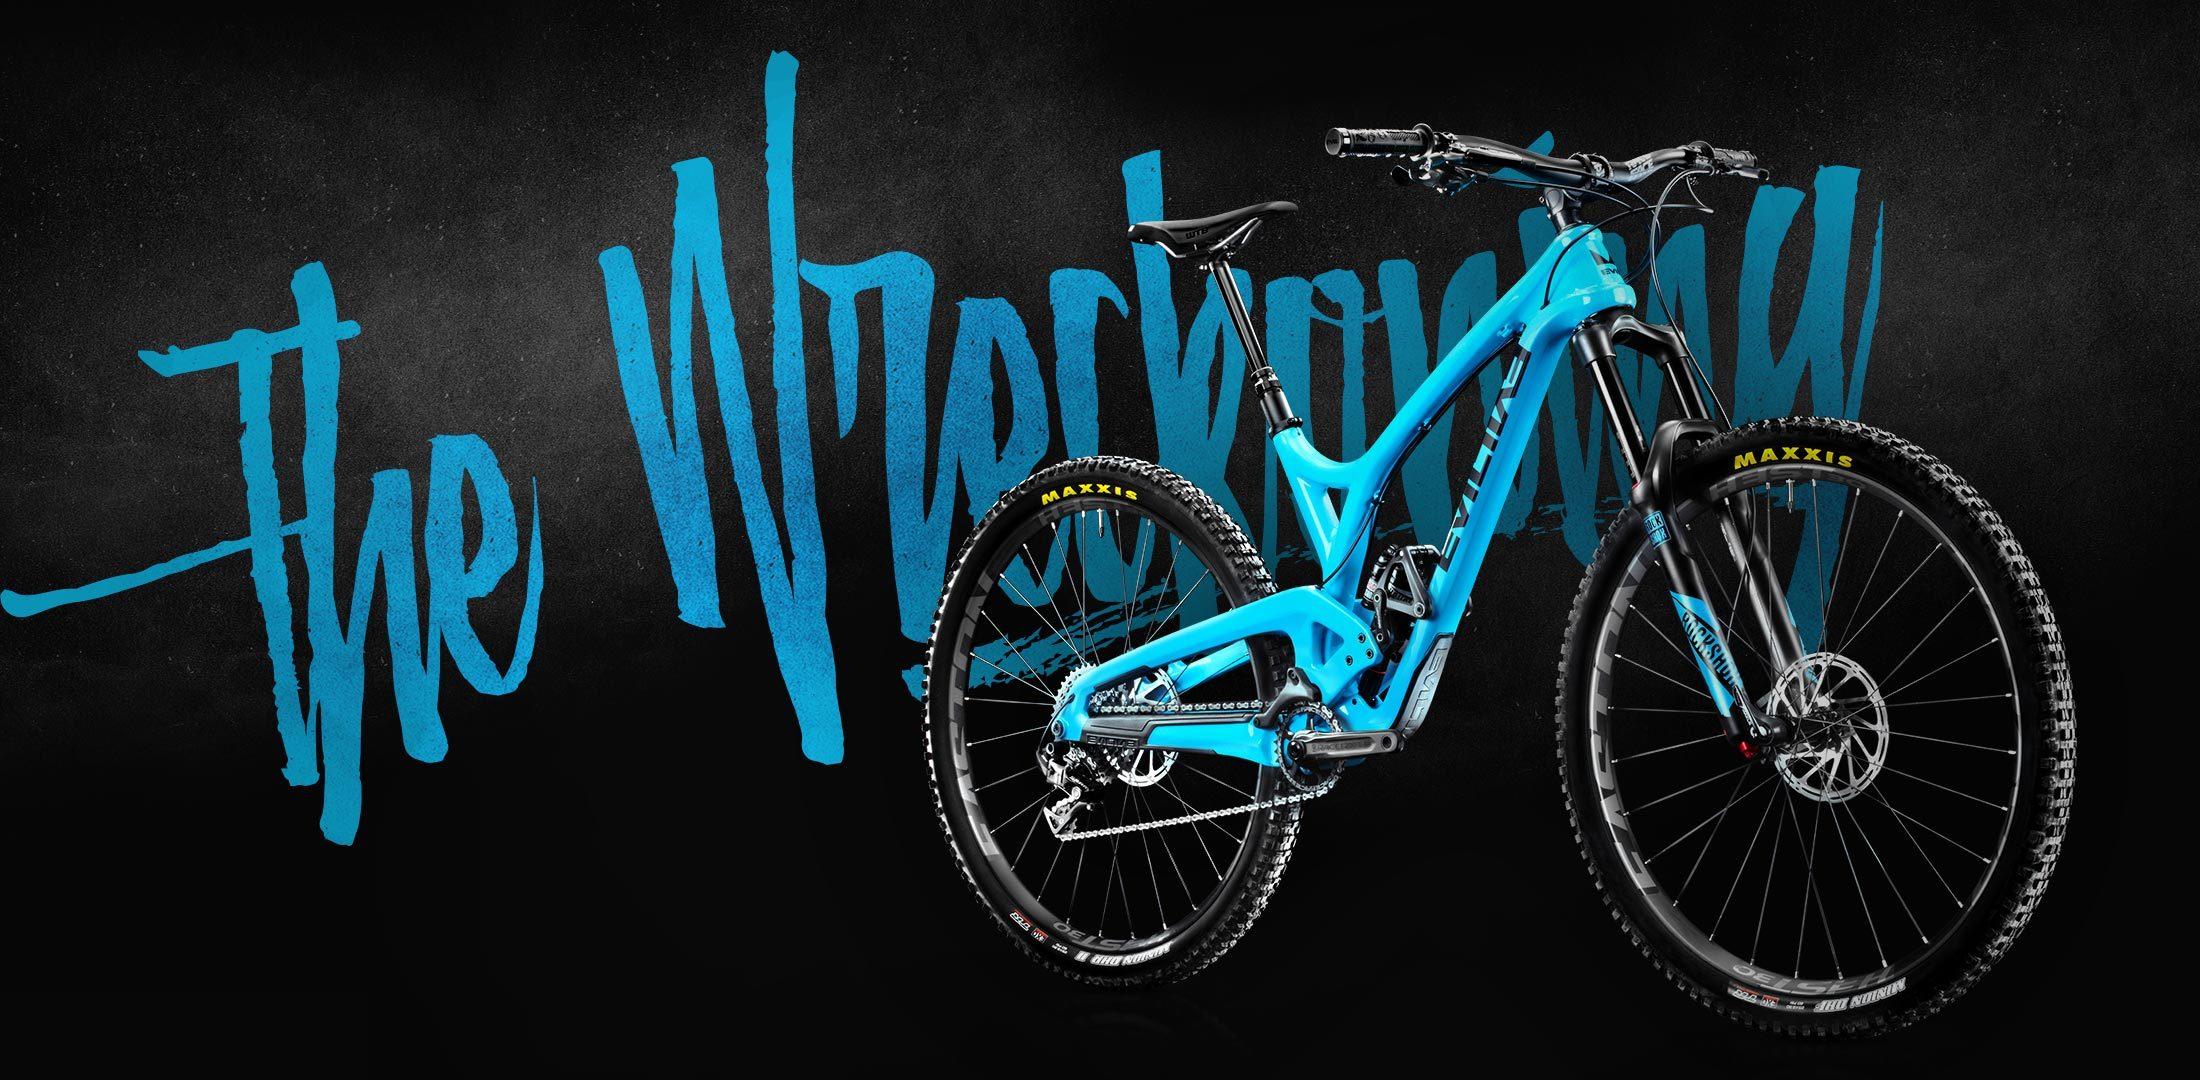 evil-wreckoning-bike-hero-2200x1080.jpg